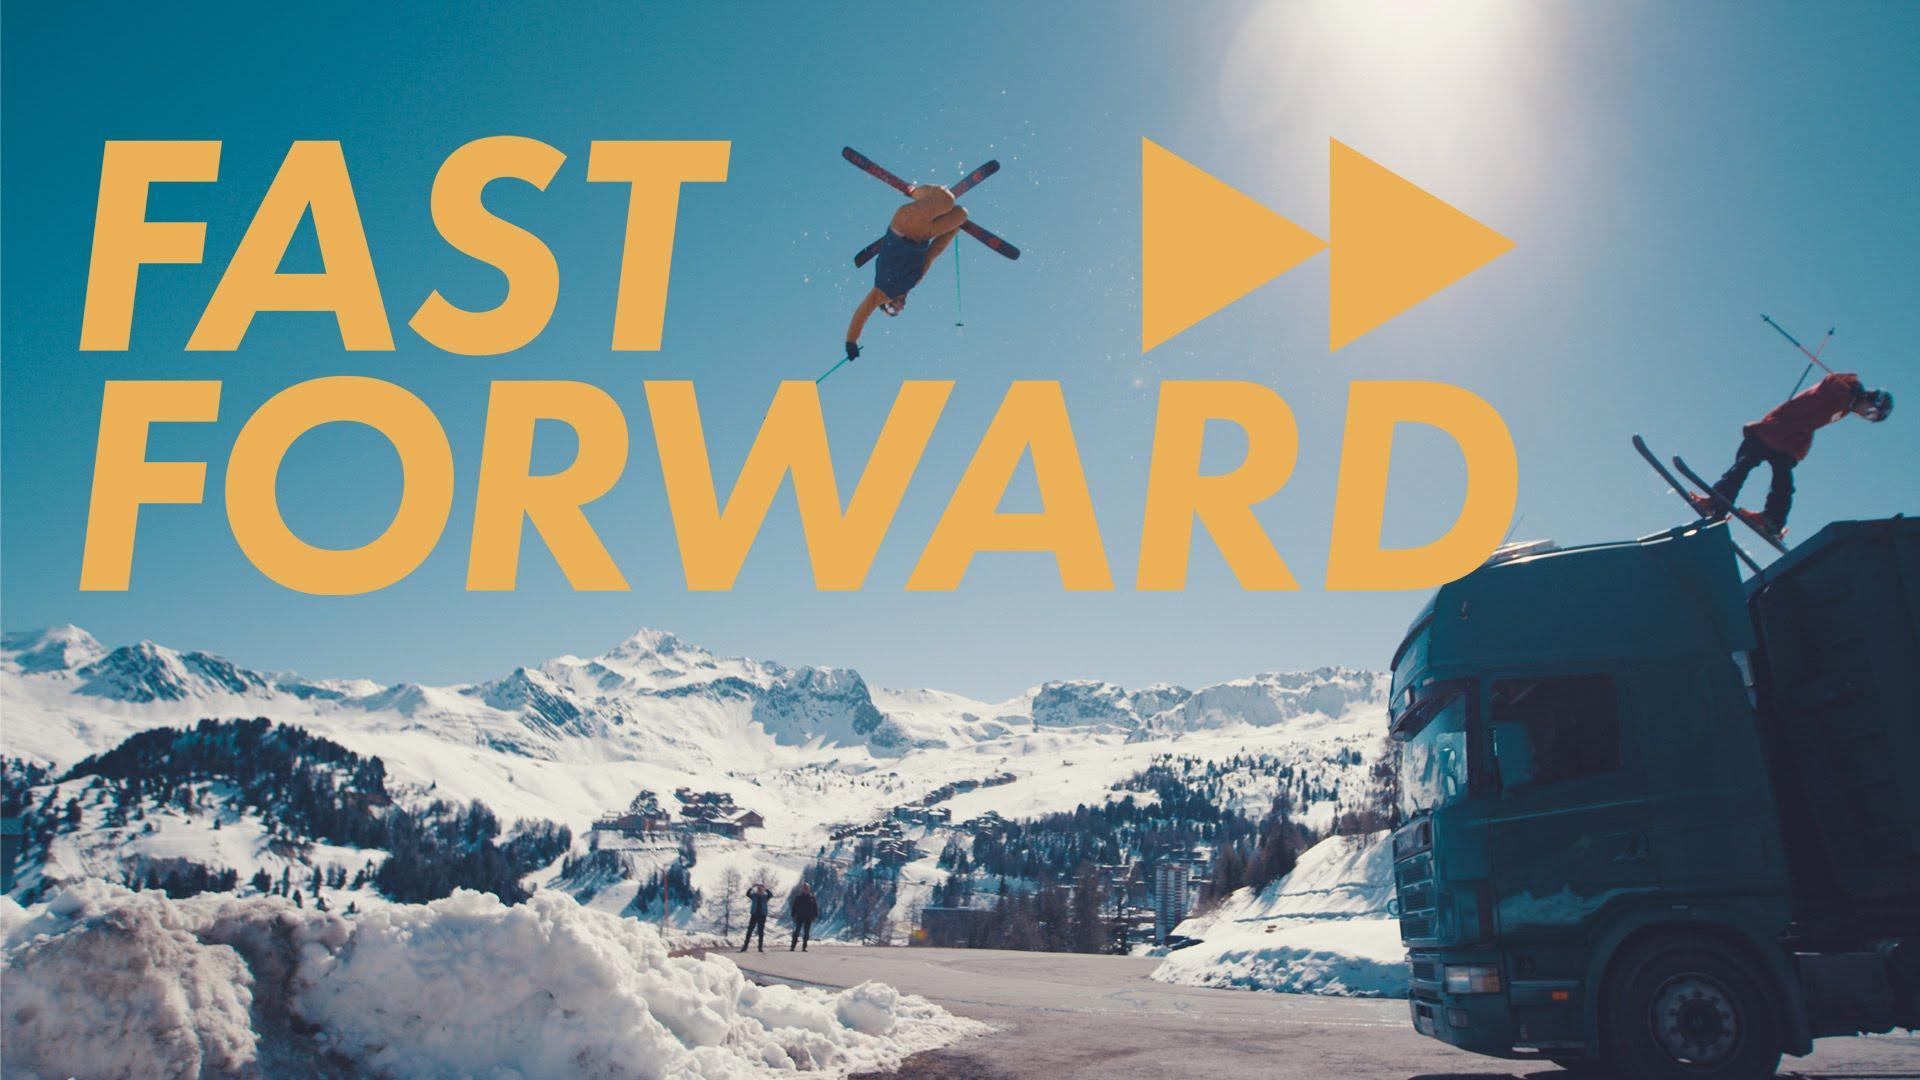 FAST FORWARD // Kevin Rolland & Julien Regnier's Ski Movie